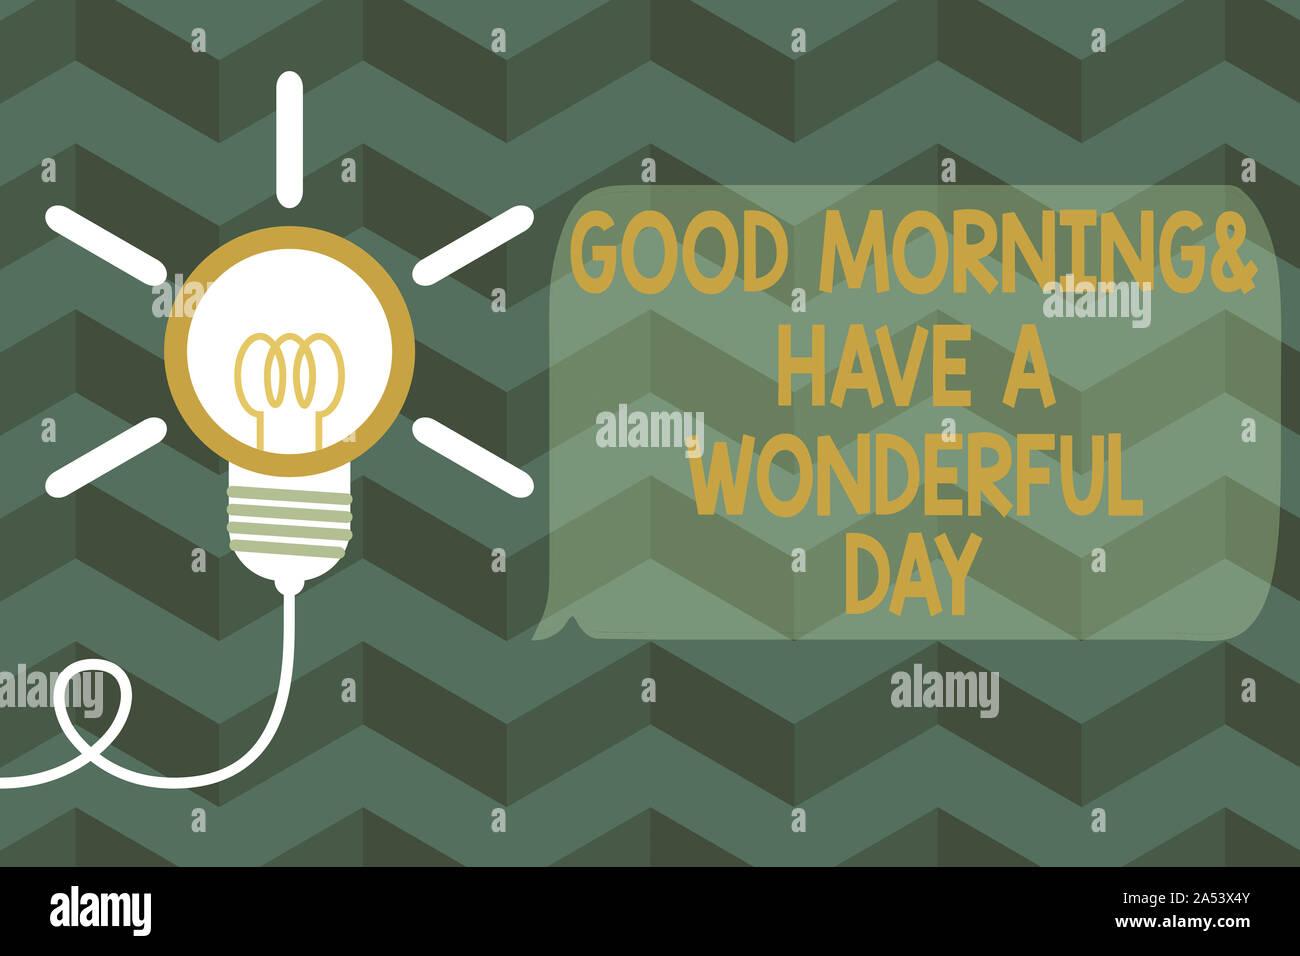 Guten morgen und einen schönen tag bilder